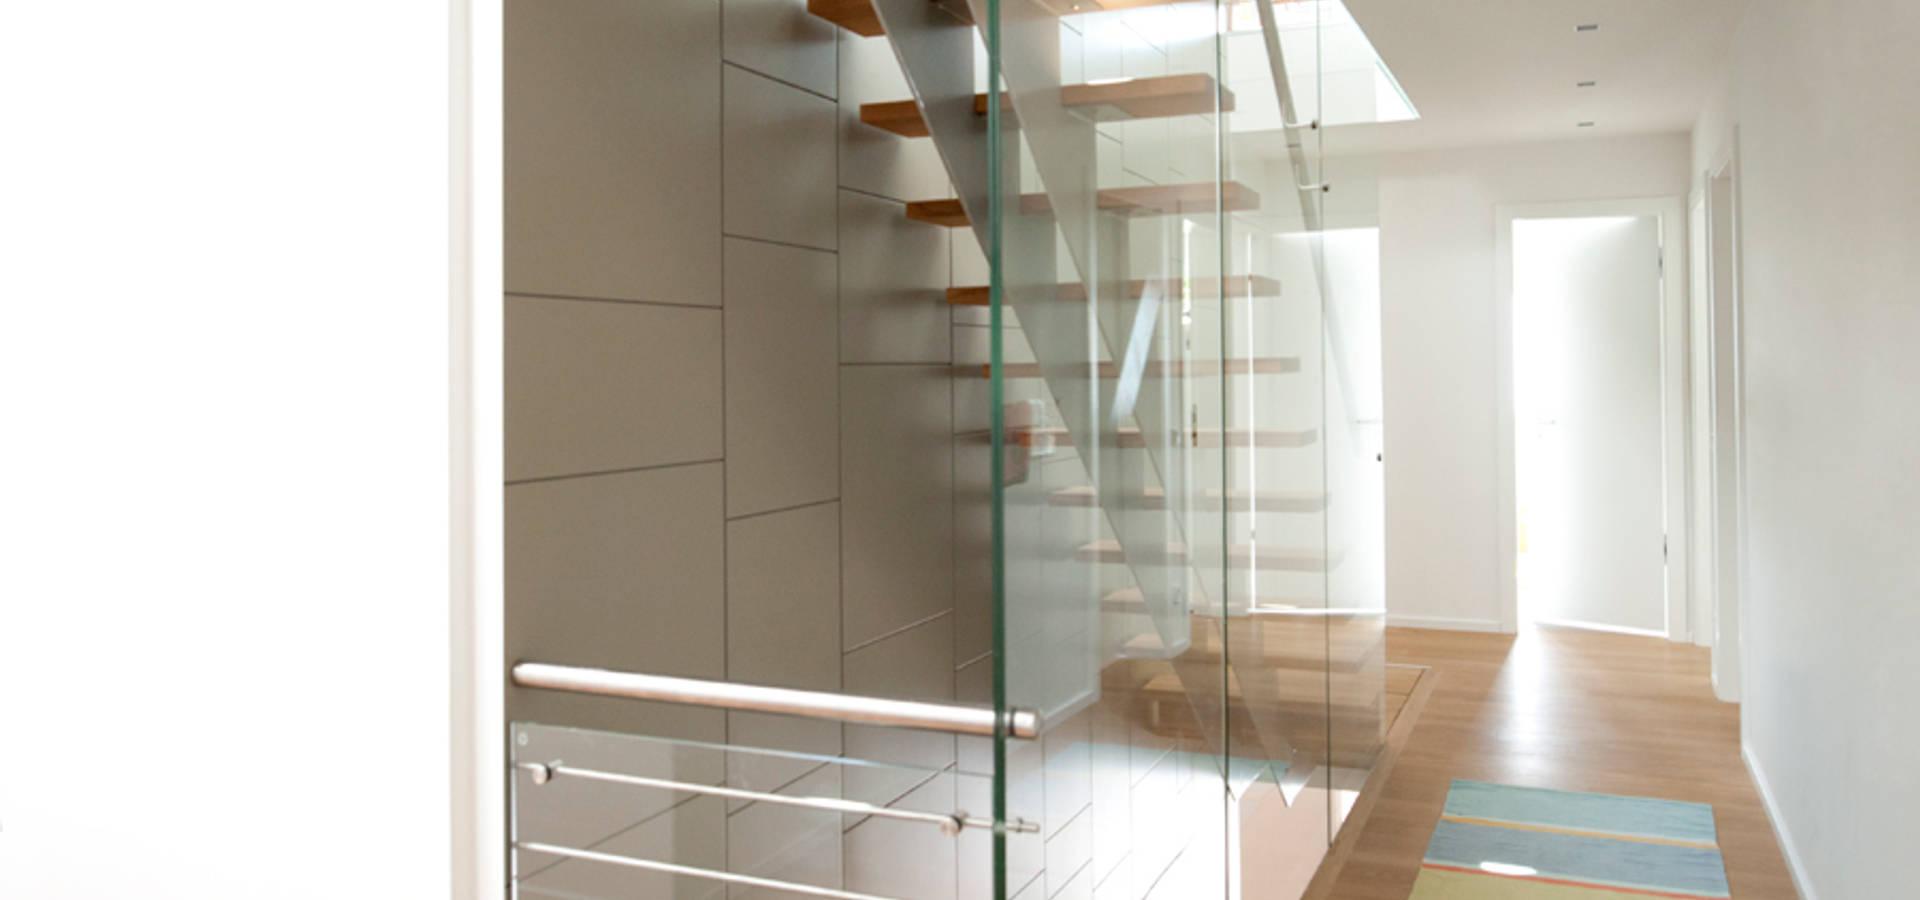 Doppelgarage  Architekturbüro J. + J. Viethen: Neubau Einfamilienhaus mit ...